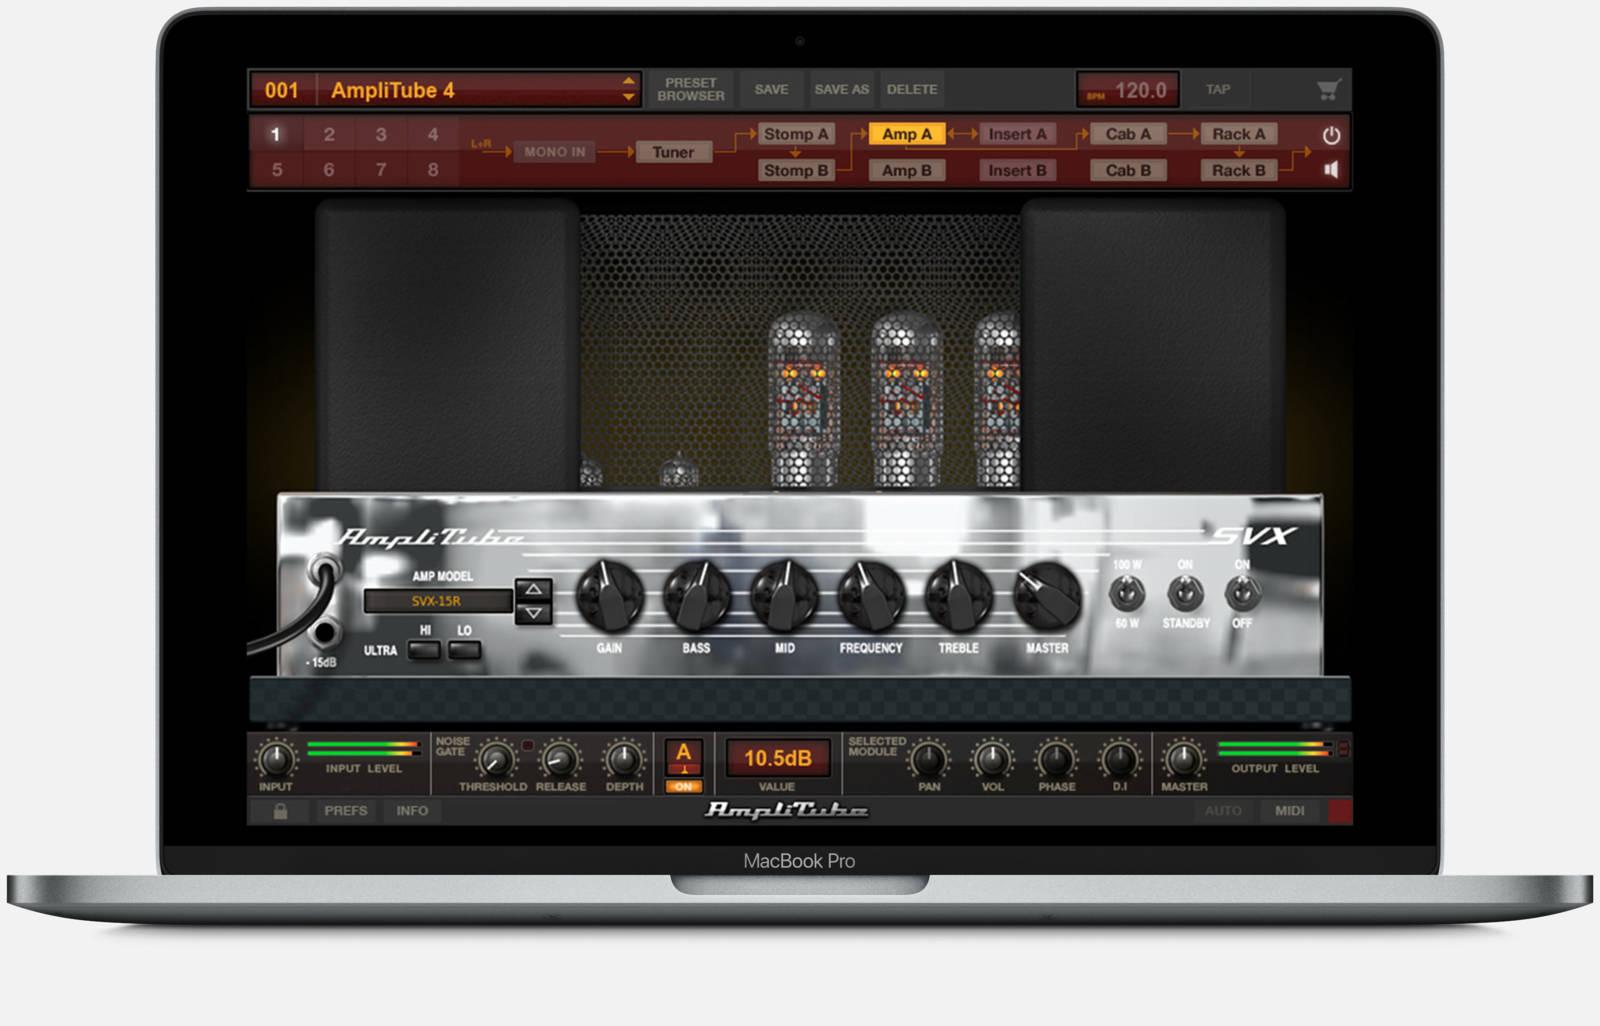 IK Multimedia AmpliTube Ampeg SVX скачать бесплатно